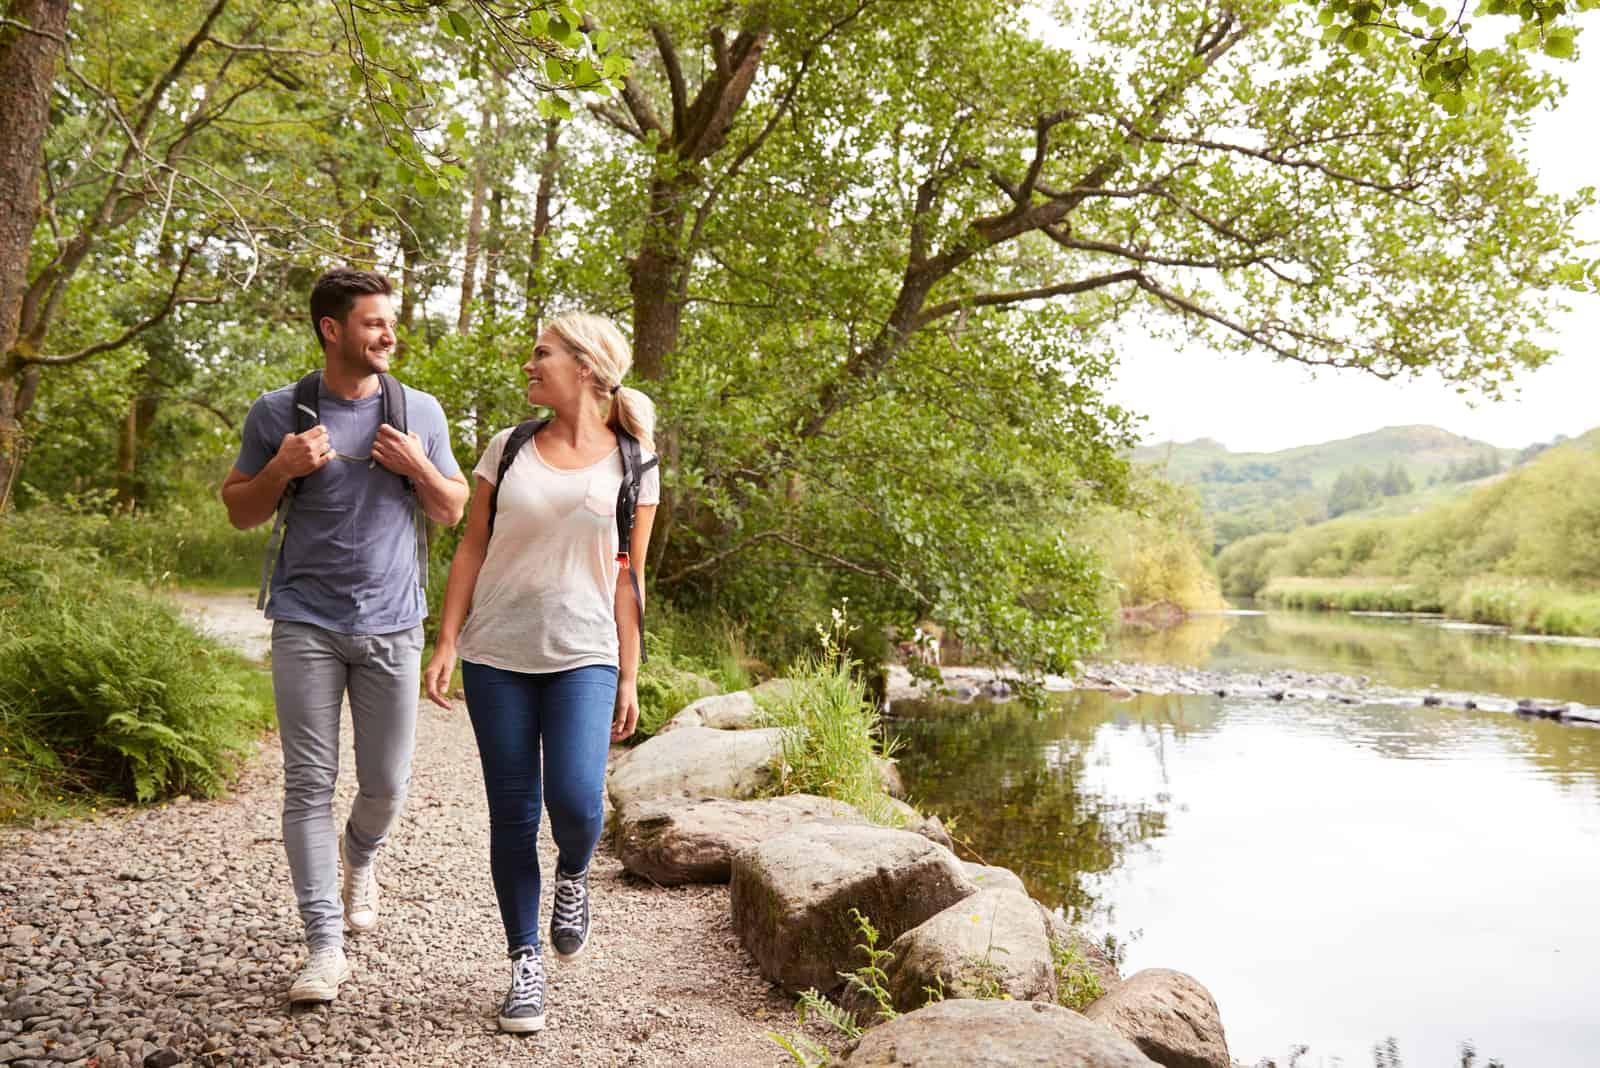 un homme et une femme marchent le long de la rivière